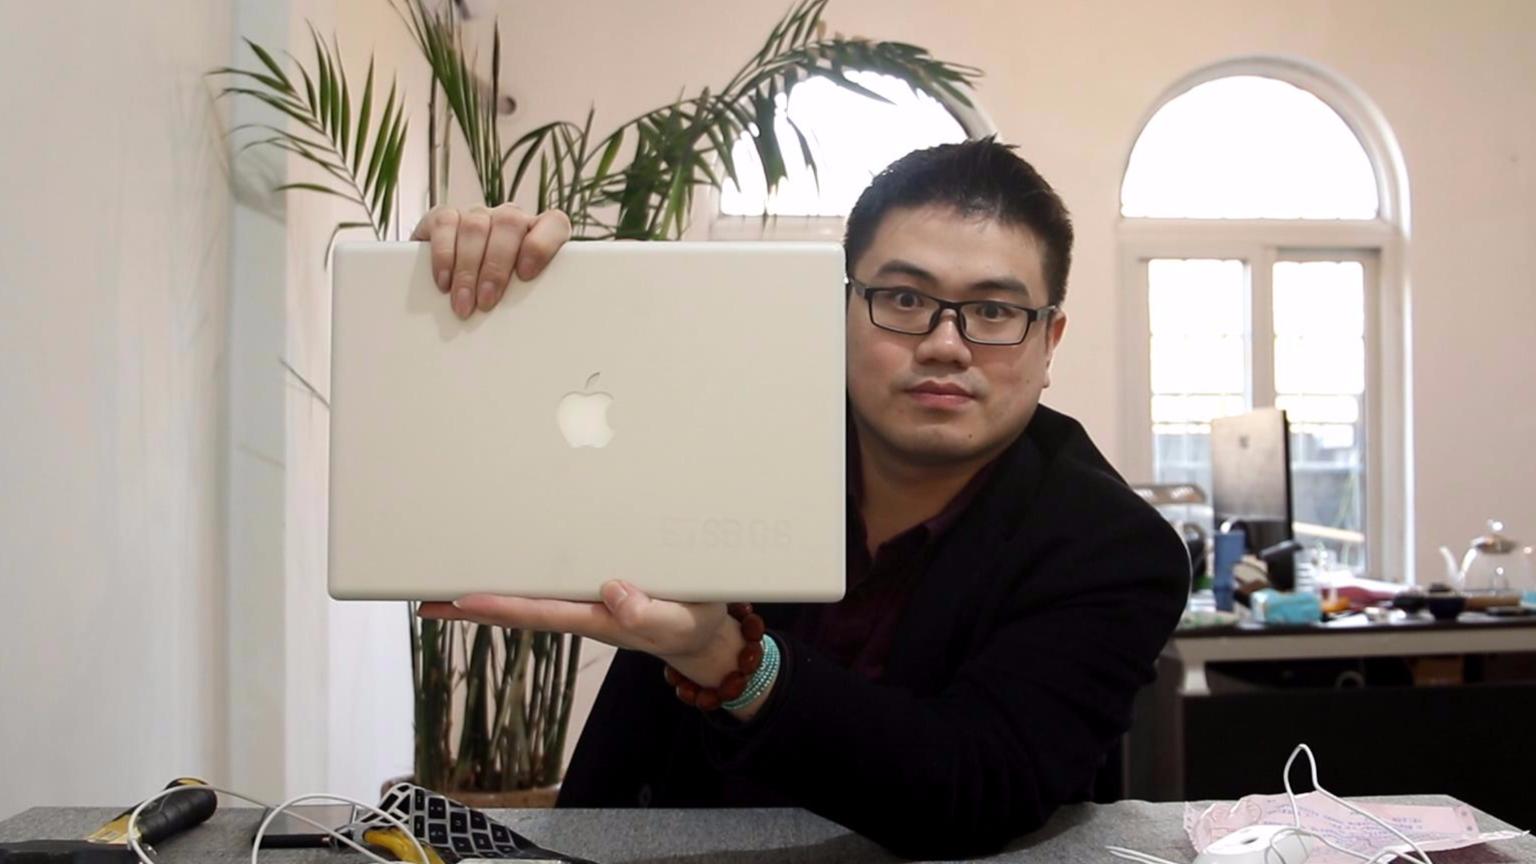 200包邮淘了台苹果MacBook笔记本,这么便宜,会不会被骗?